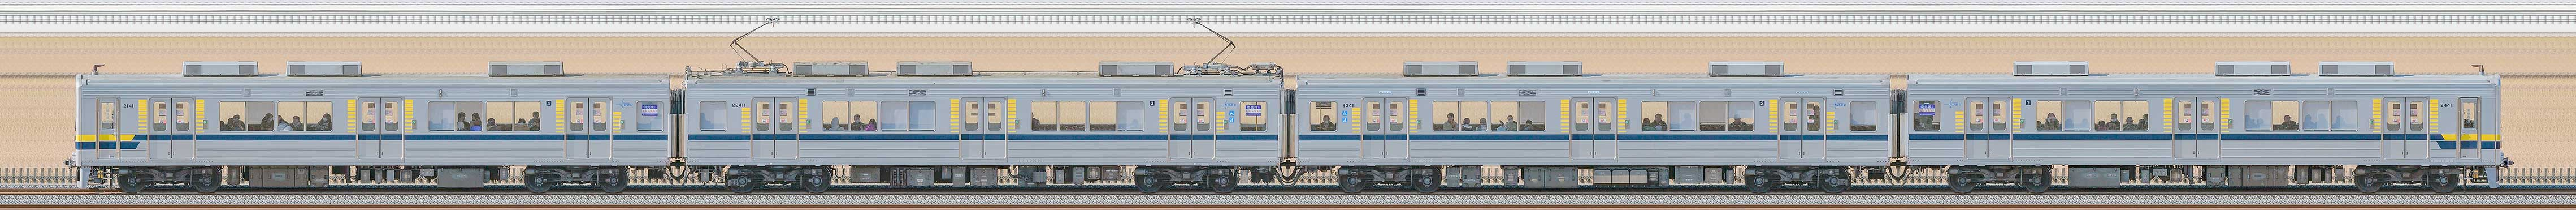 東武20400型21411編成(安全確認カメラ取付前・海側)の編成サイドビュー